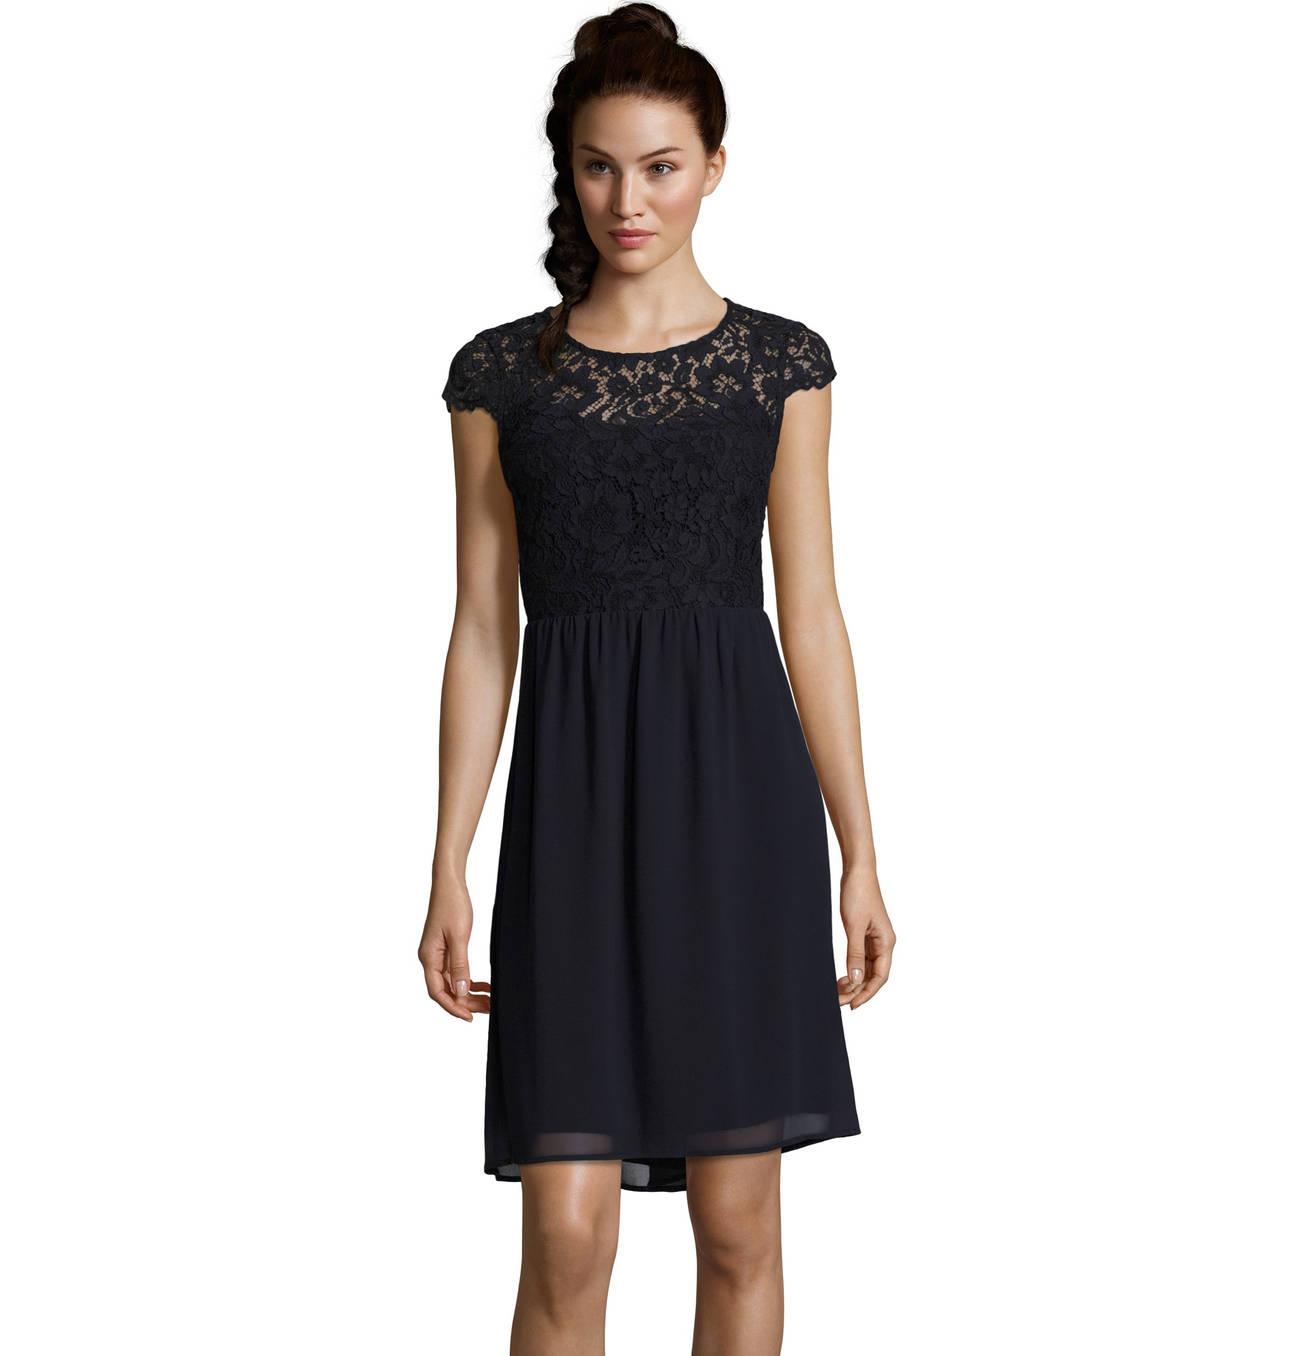 Kleid, Flügelärmel, florale Spitze, transparente Schulterpartie